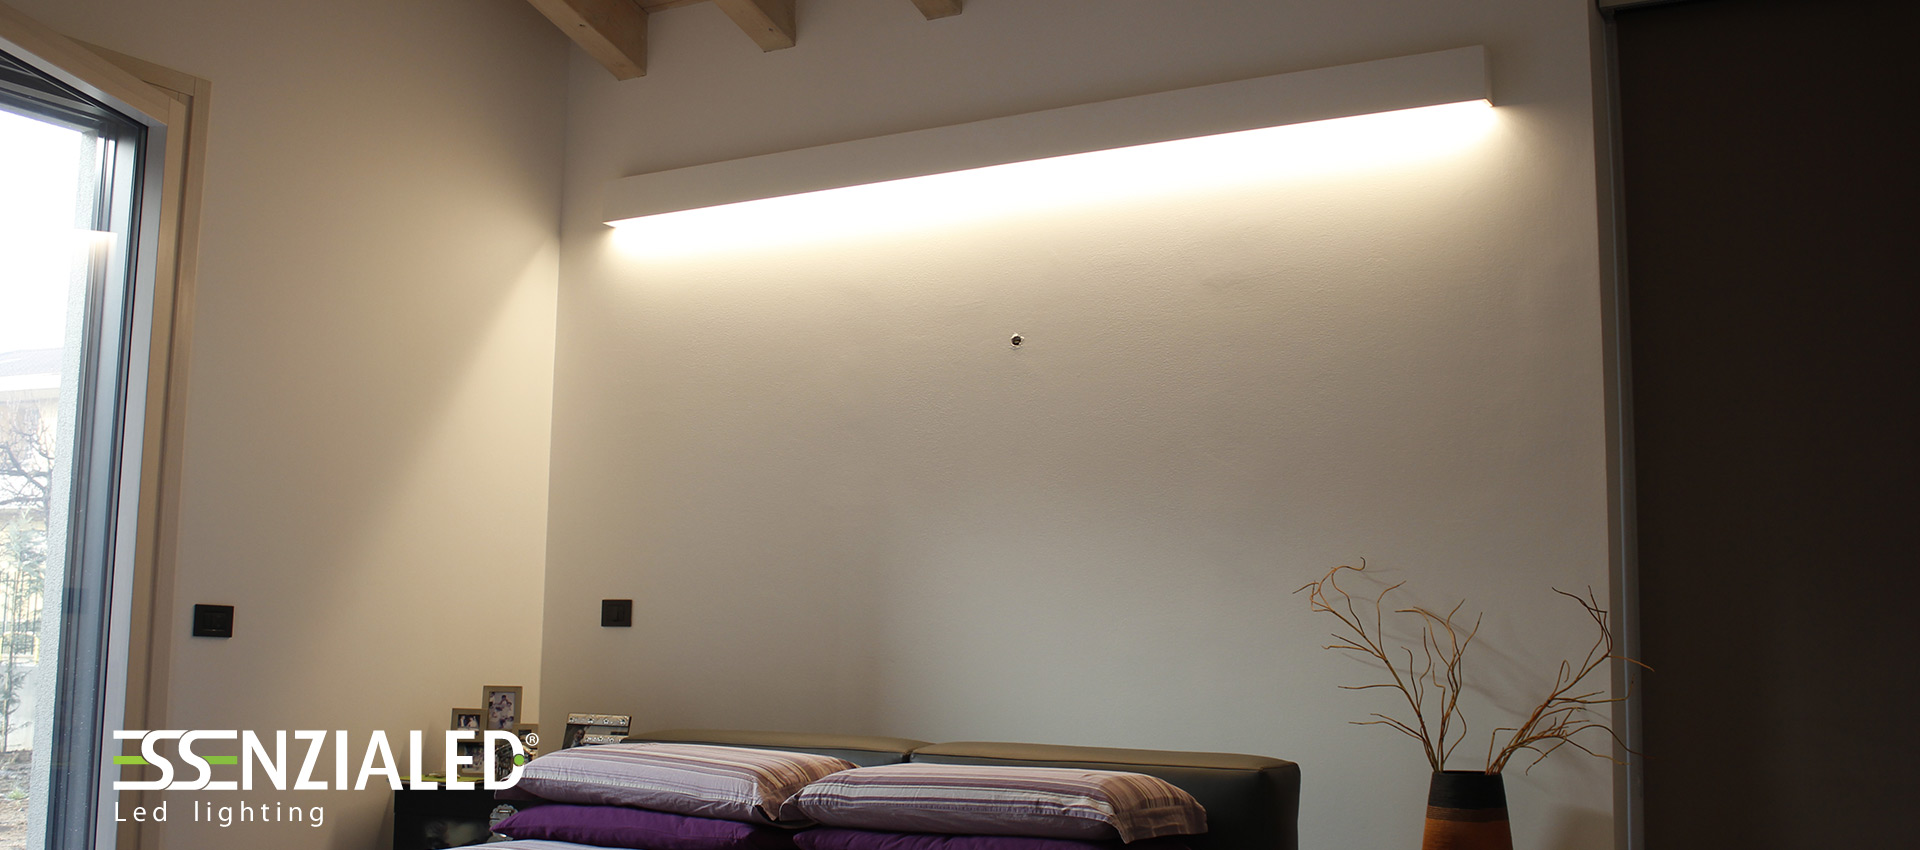 Righello lampada a parete led prodotta su misura madeinitalyessenzialed illuminazione a led for Illuminazione camera letto